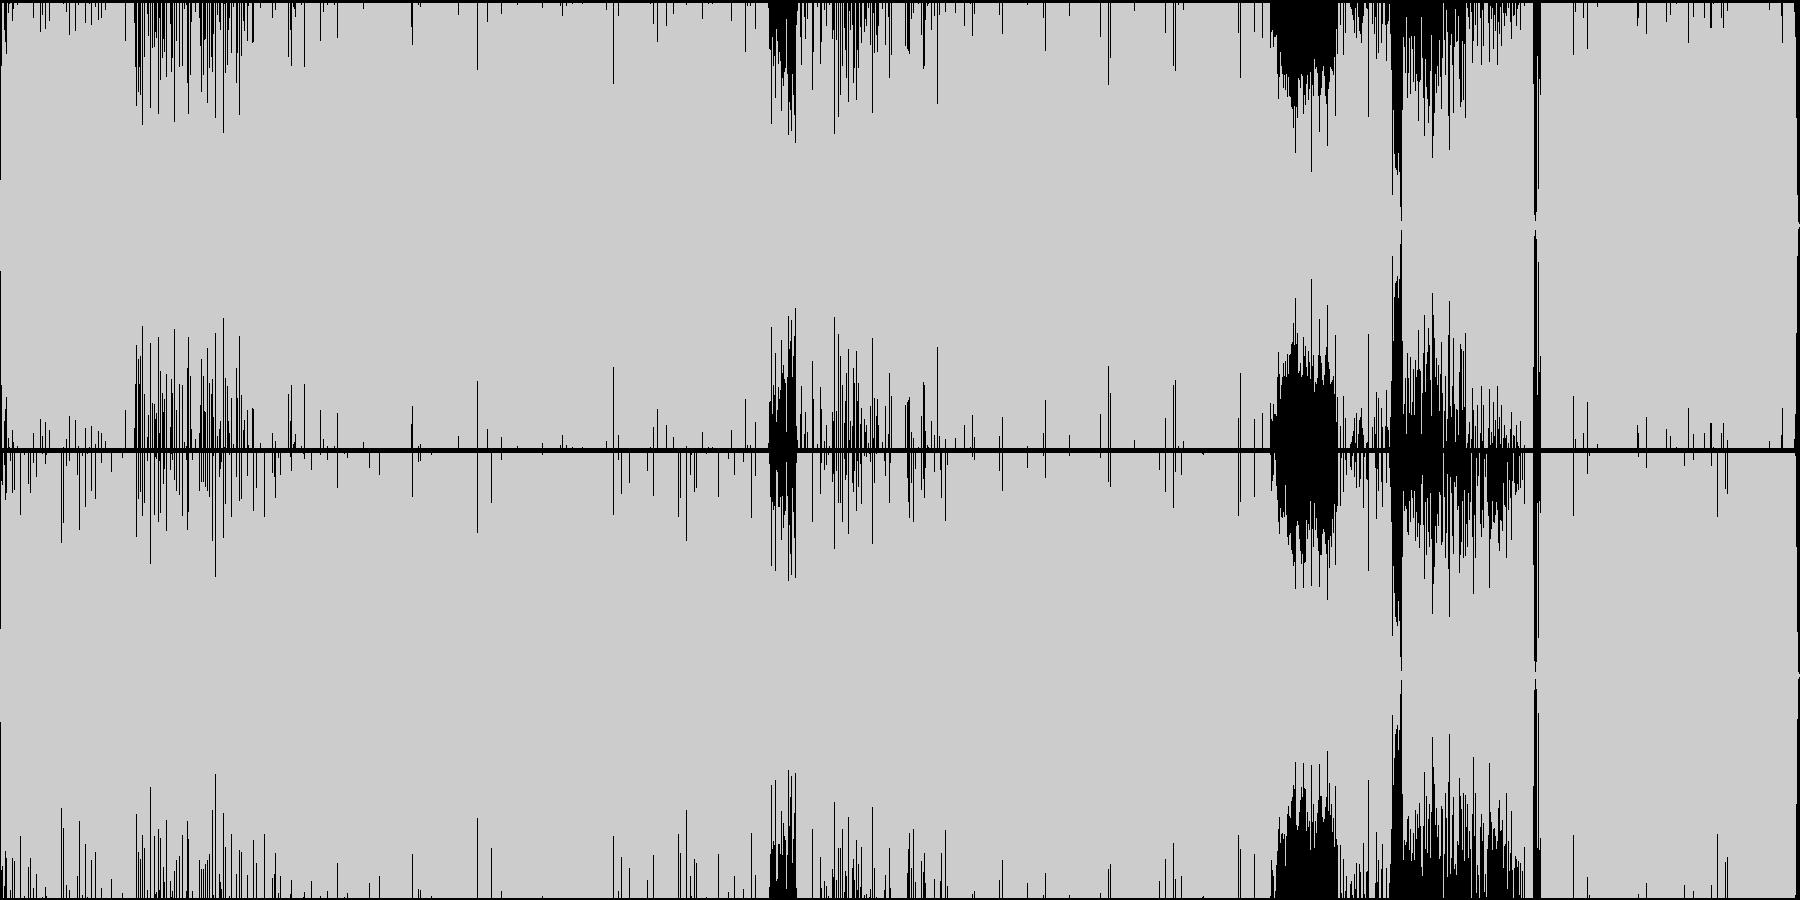 エッジの効いたお洒落なファンクロックの未再生の波形